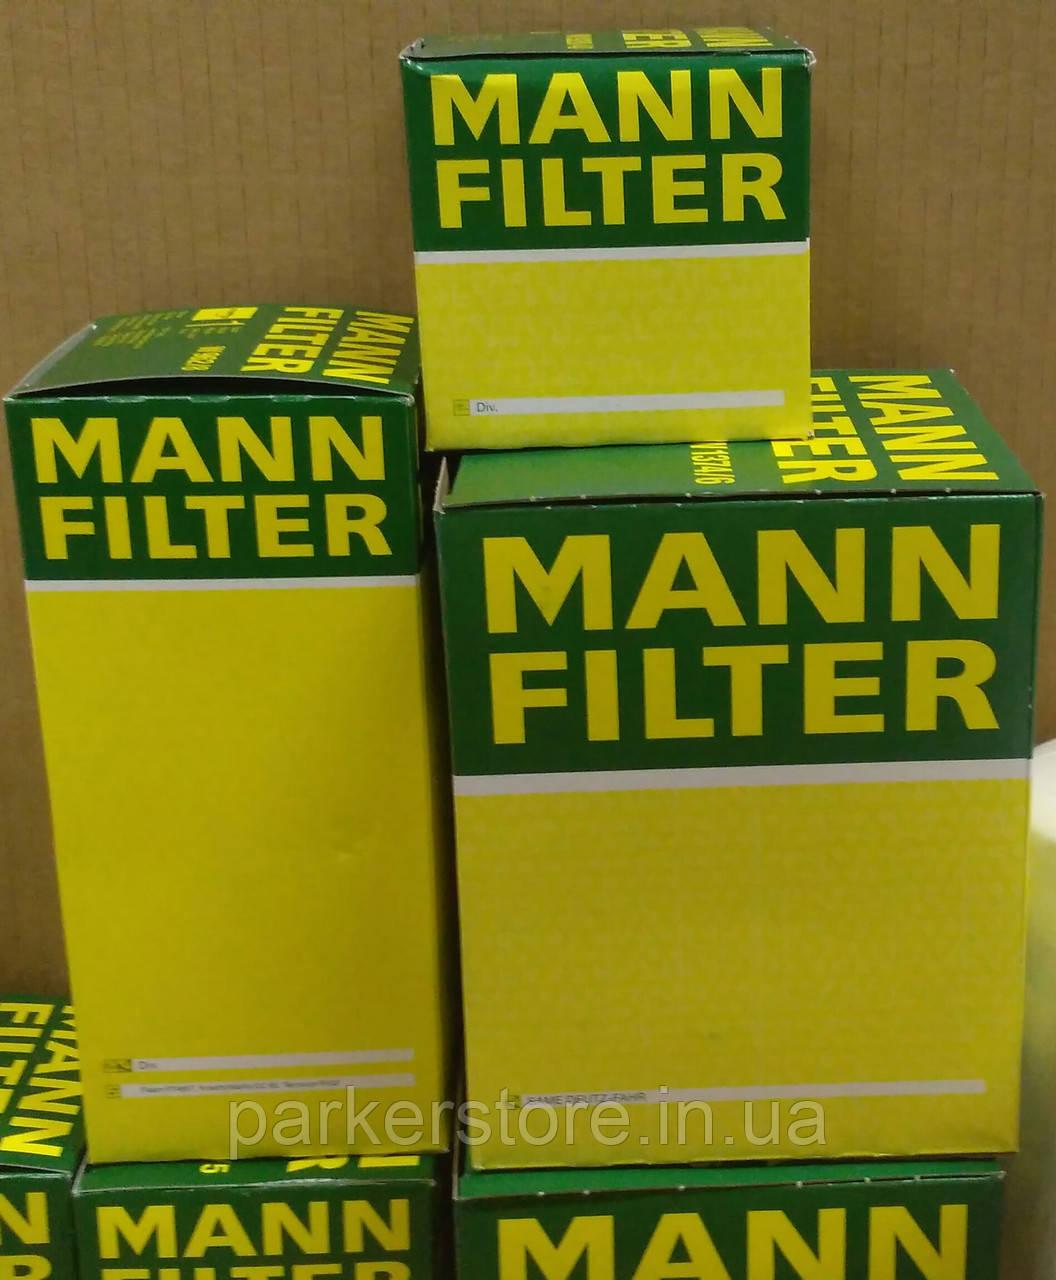 MANN FILTER / Повітряний фільтр / C 12 178/2 / C12178/2